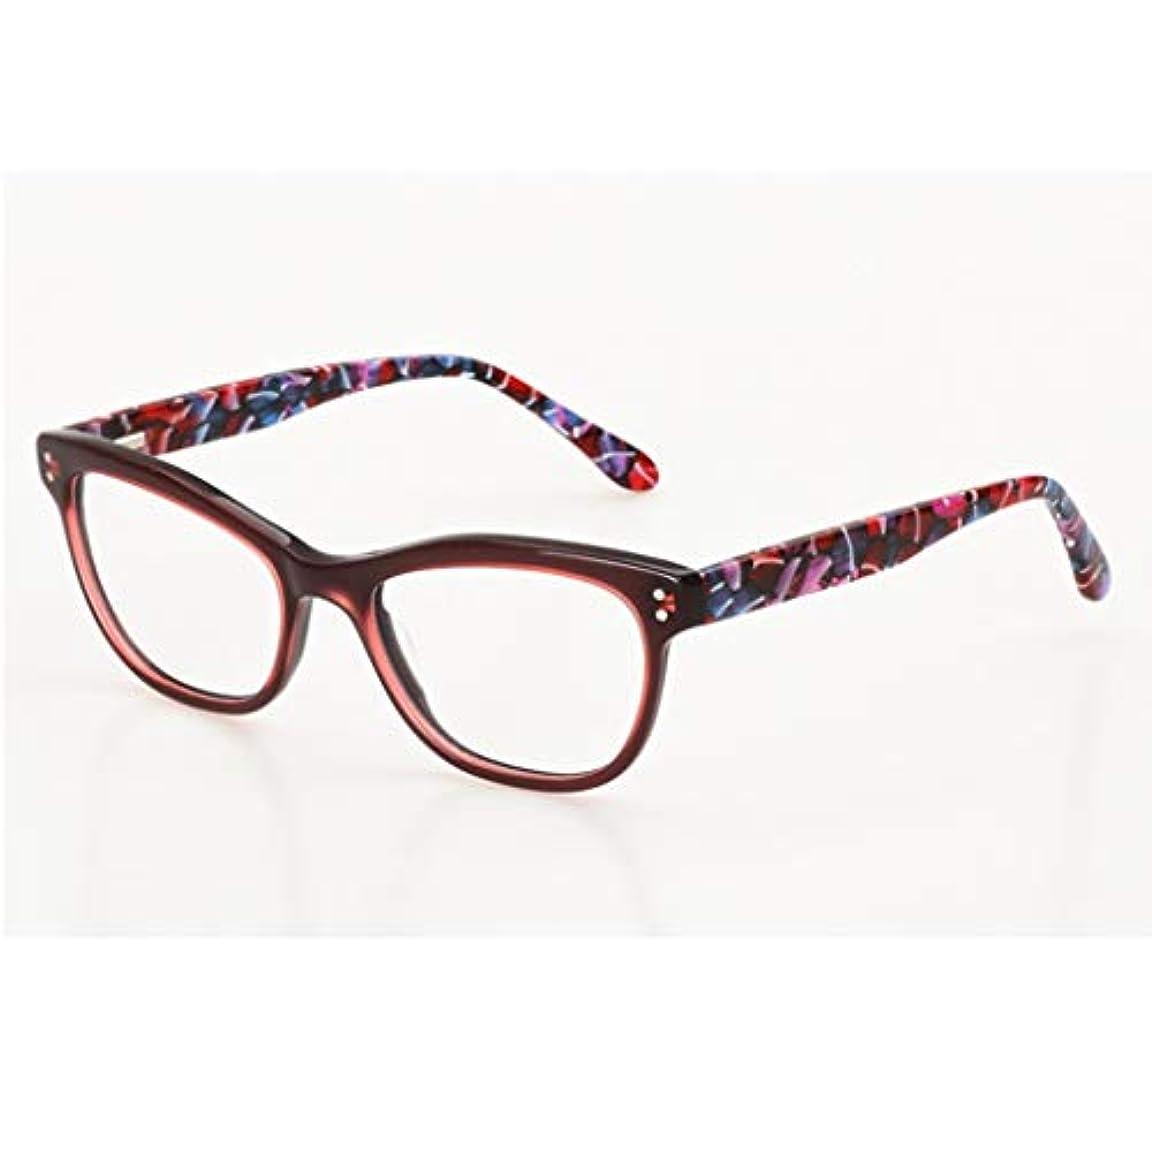 遷移型フォトクロミックプログレッシブマルチフォーカス老眼鏡 - いいえライン漸進レンズサングラス、光学用非処方眼鏡、放射線防護、UV保護